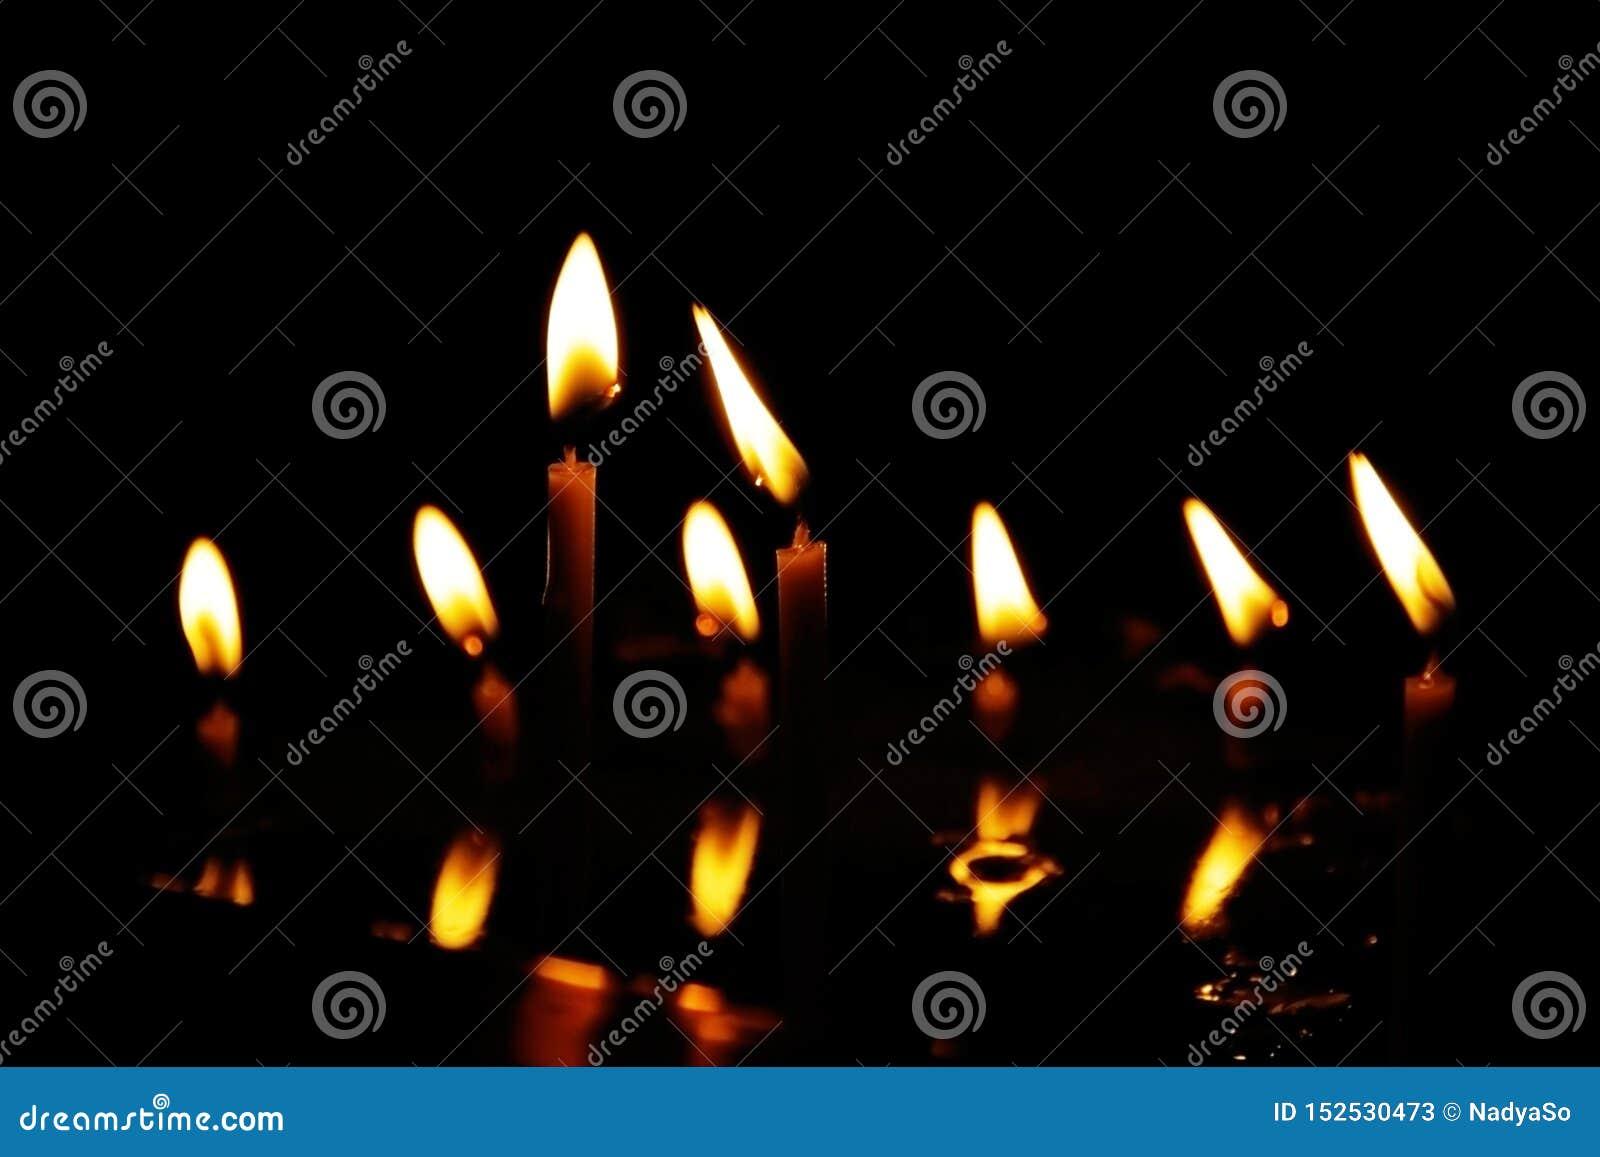 Velas da oração que queimam-se na escuridão silenciosa do templo, refletida na água